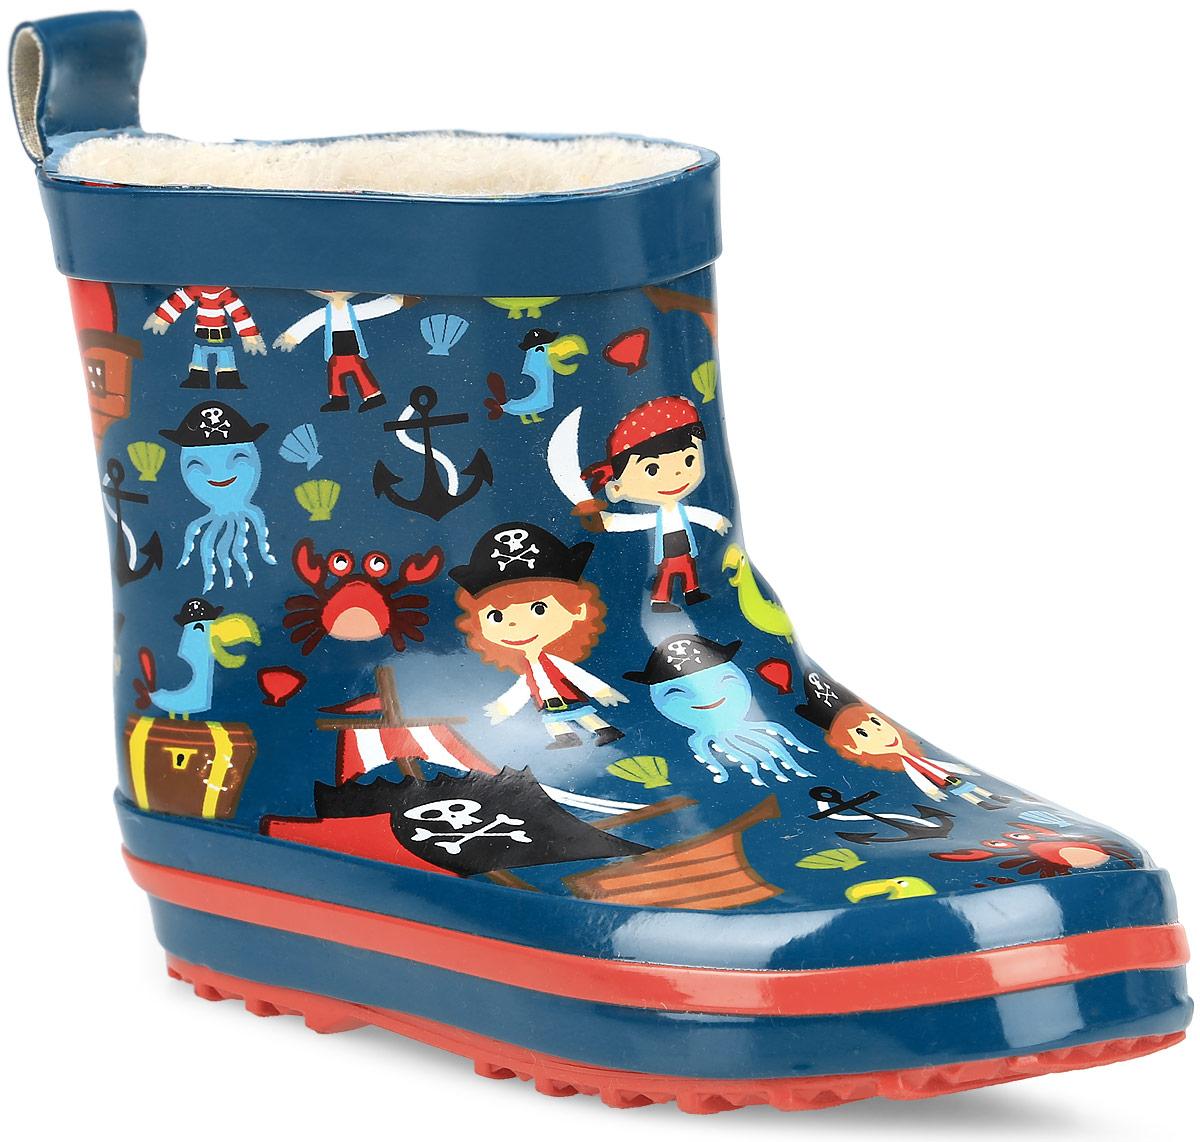 200278Стильные резиновые сапоги от фирмы Mursu идеально подходят для долгих прогулок в ненастную погоду. Сапоги выполнены из качественной резины и оформлены оригинальным принтом. Ярлычок на заднике облегчит надевание обуви. Подкладка и стелька изготовлены из шерсти, которая сохранит тепло и обеспечит полный уют и комфорт при носке. Рельефная резиновая подошва устойчива к истиранию и гарантирует отличное сцепление с любой поверхностью. Такие оригинальные и практичные резиновые сапоги займут достойное место в гардеробе вашего ребенка.